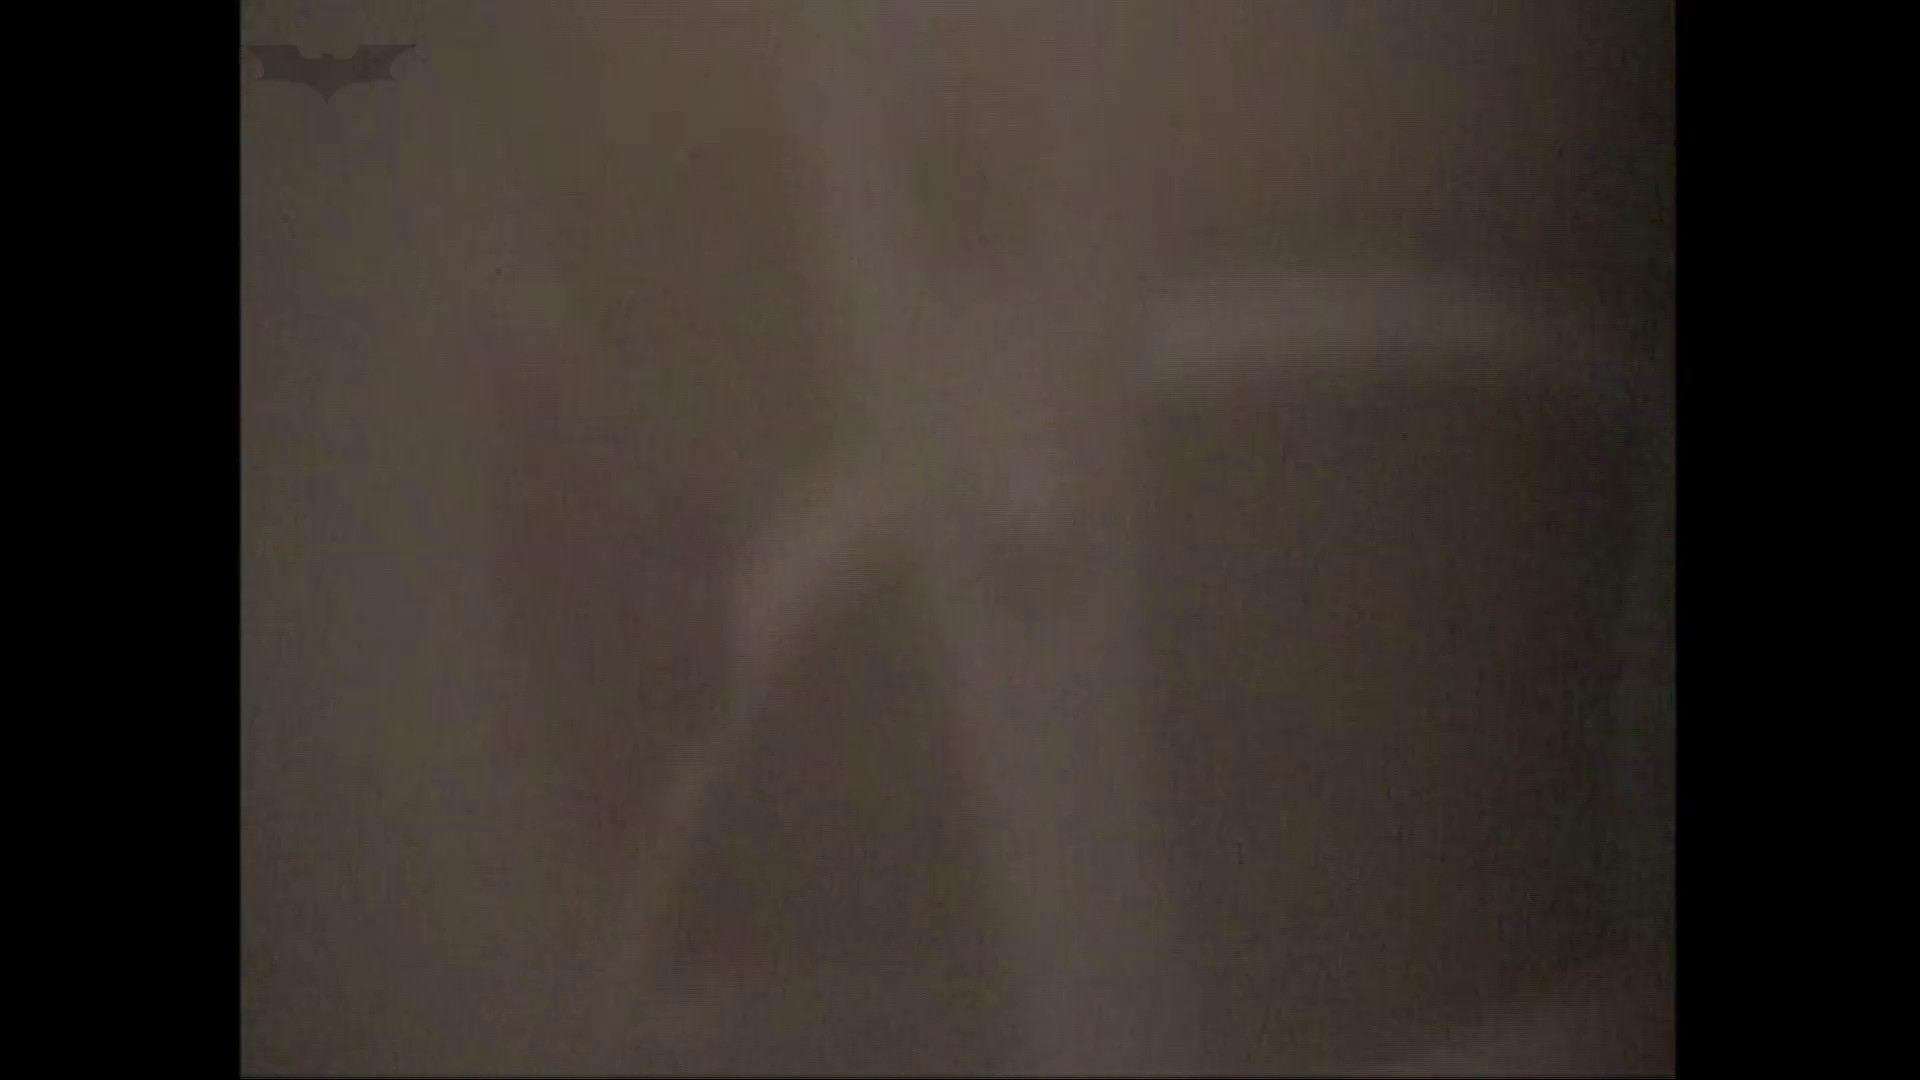 隙間からノゾク風呂 Vol.28 色白のロングヘアー美人がワシャワシャと。 美人  104pic 77